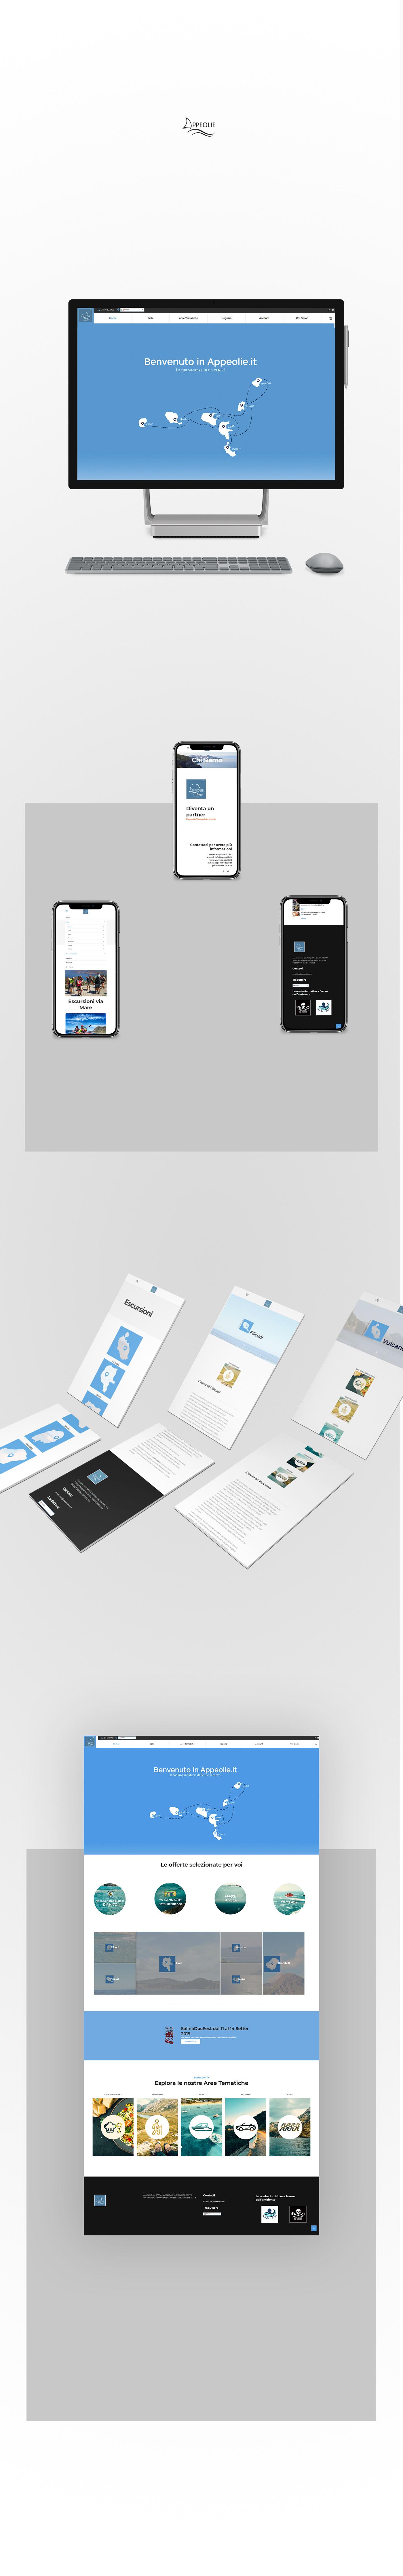 Web Design  Turismo brand design agenzia progettazione sito web Website web development  graphic design web